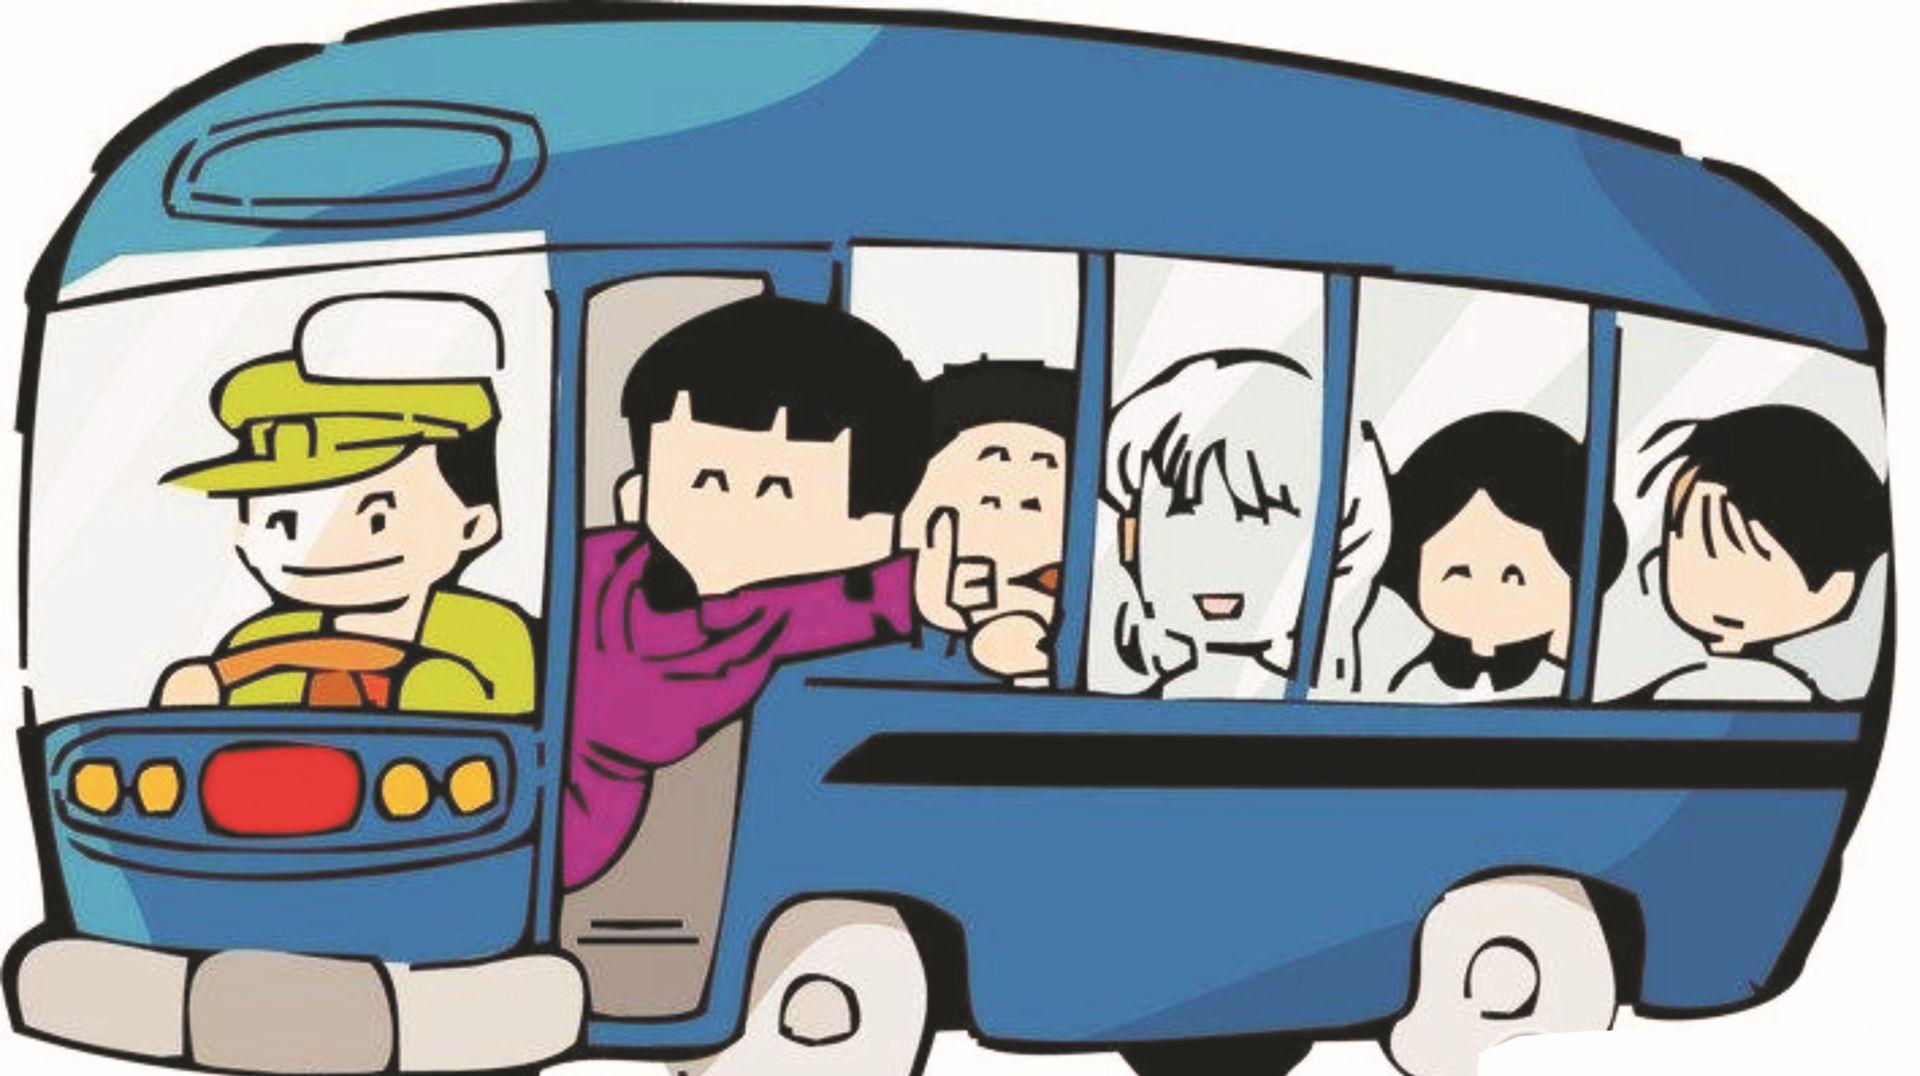 54.【那些年,我们都挤过的公交车】骗的就是你